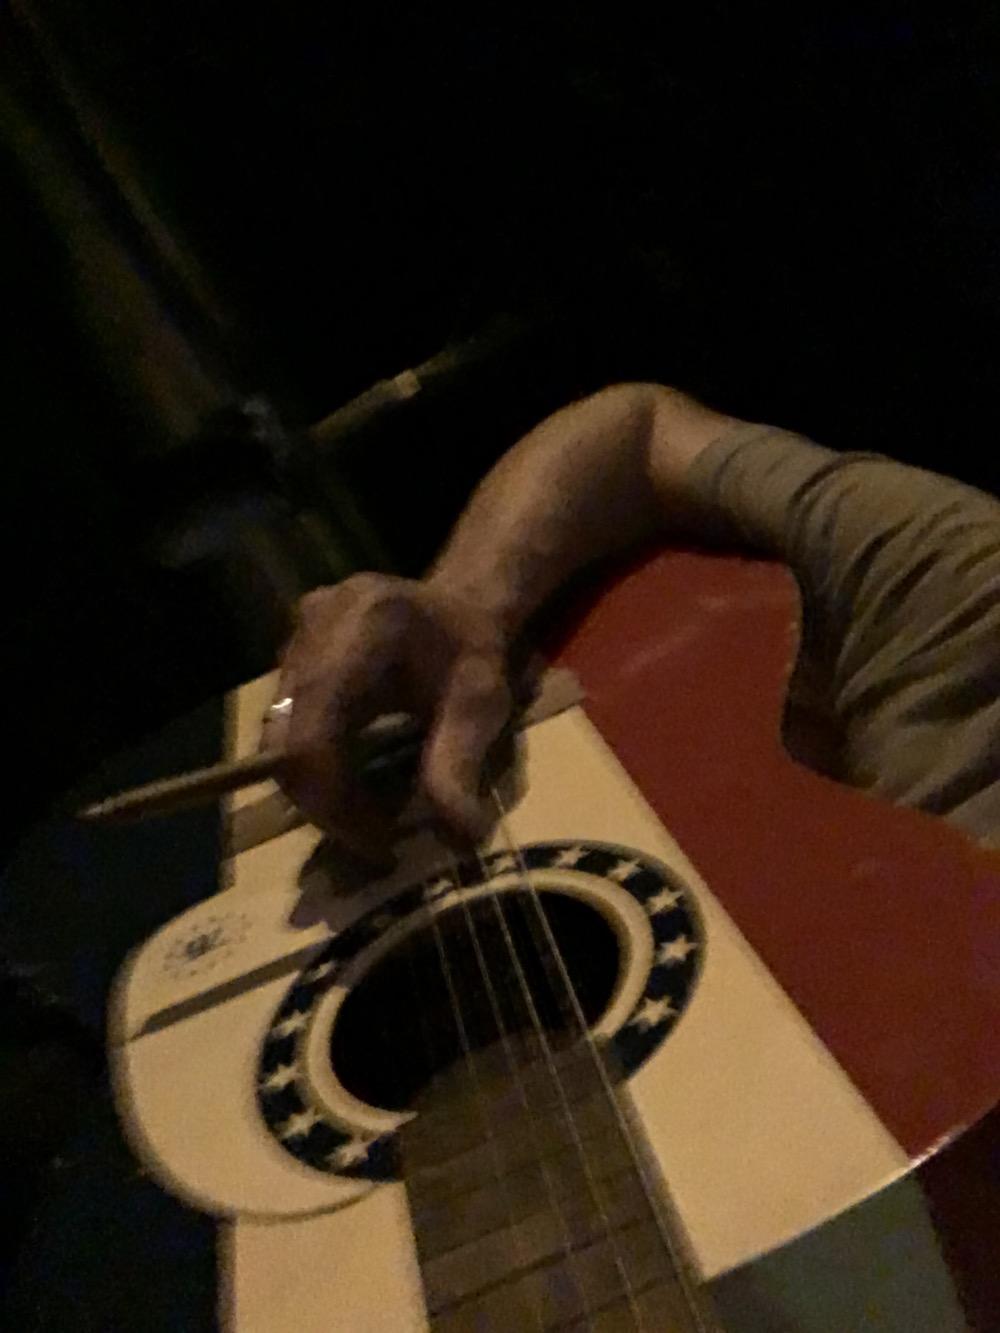 Steven Jackson Brighter Things Jim Croce - 11.jpg